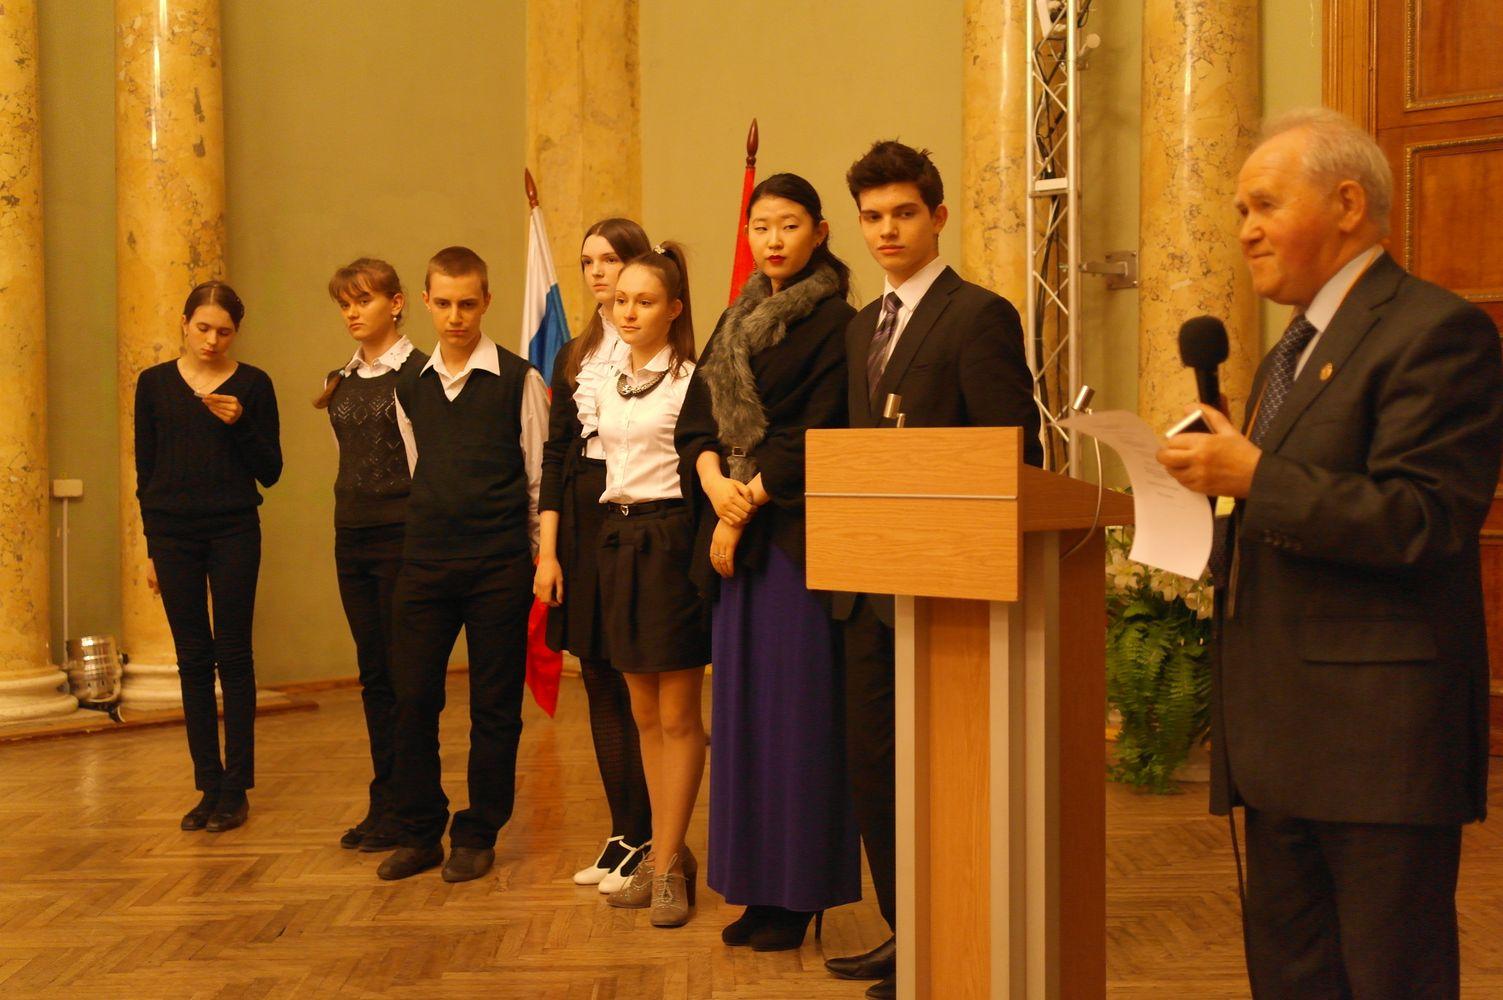 Конкурс возрождение петербурга